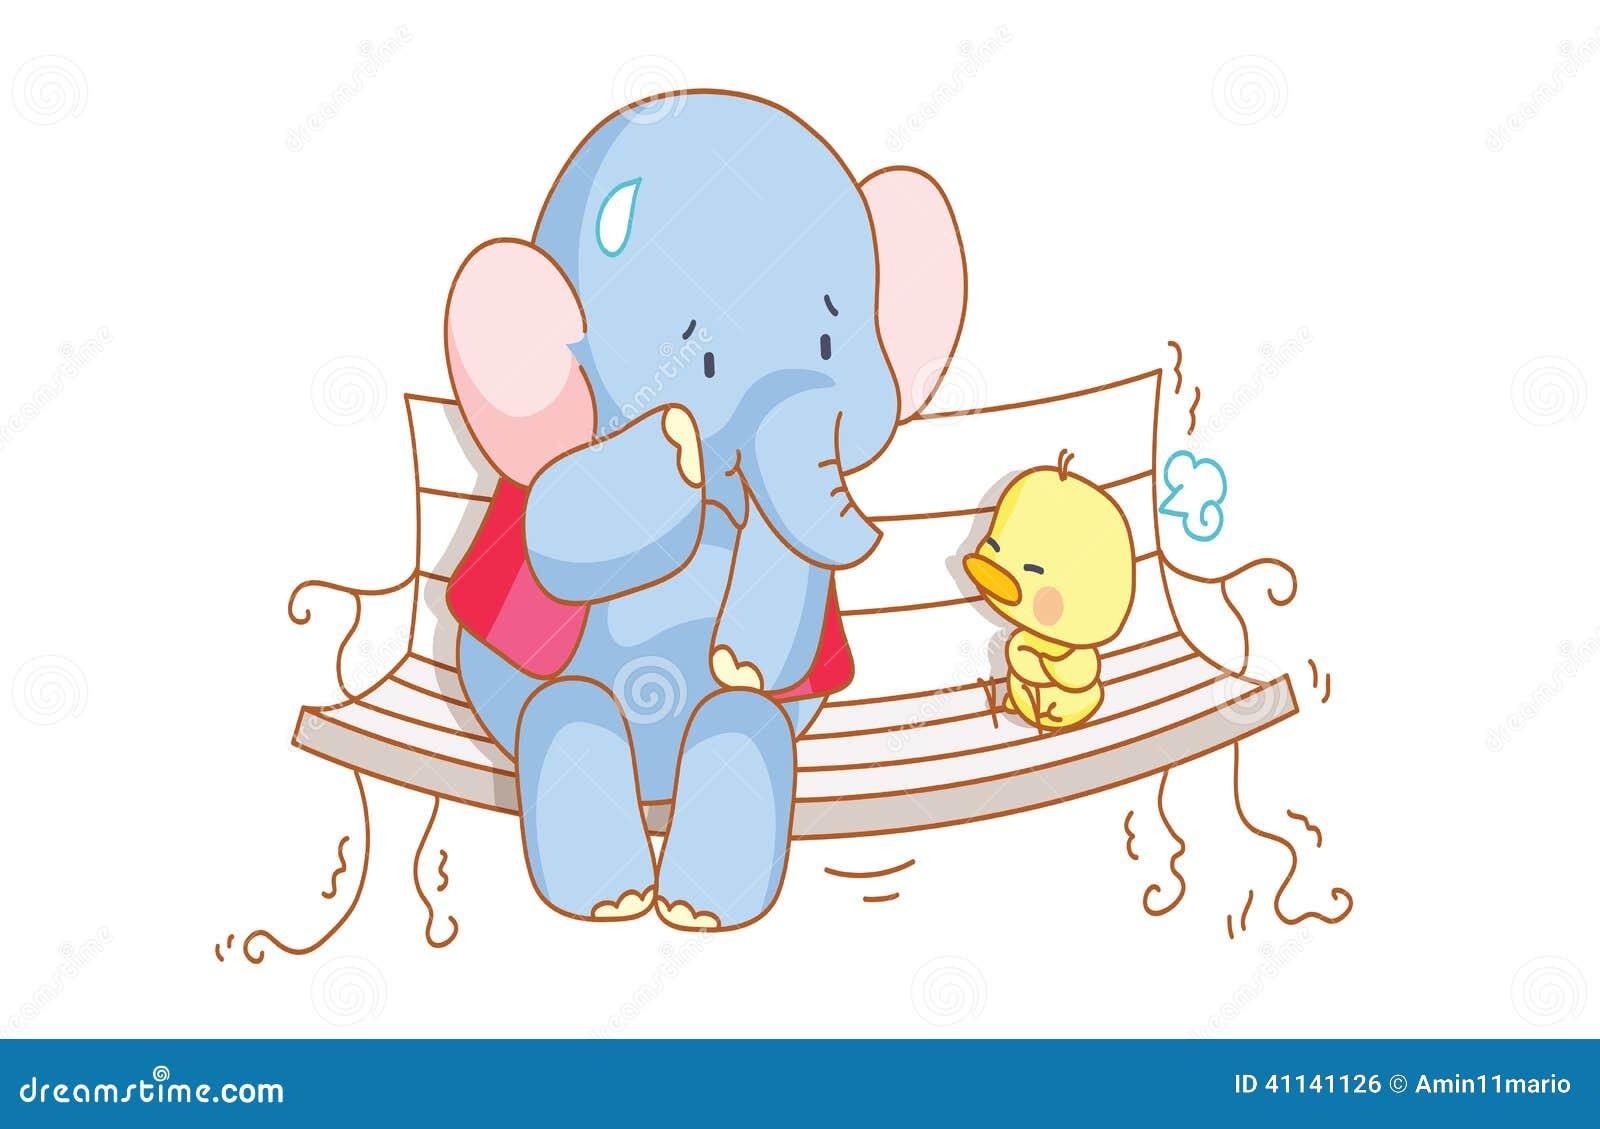 Elefante dos desenhos animados e um pintainho bonito que senta-se em uma cadeira